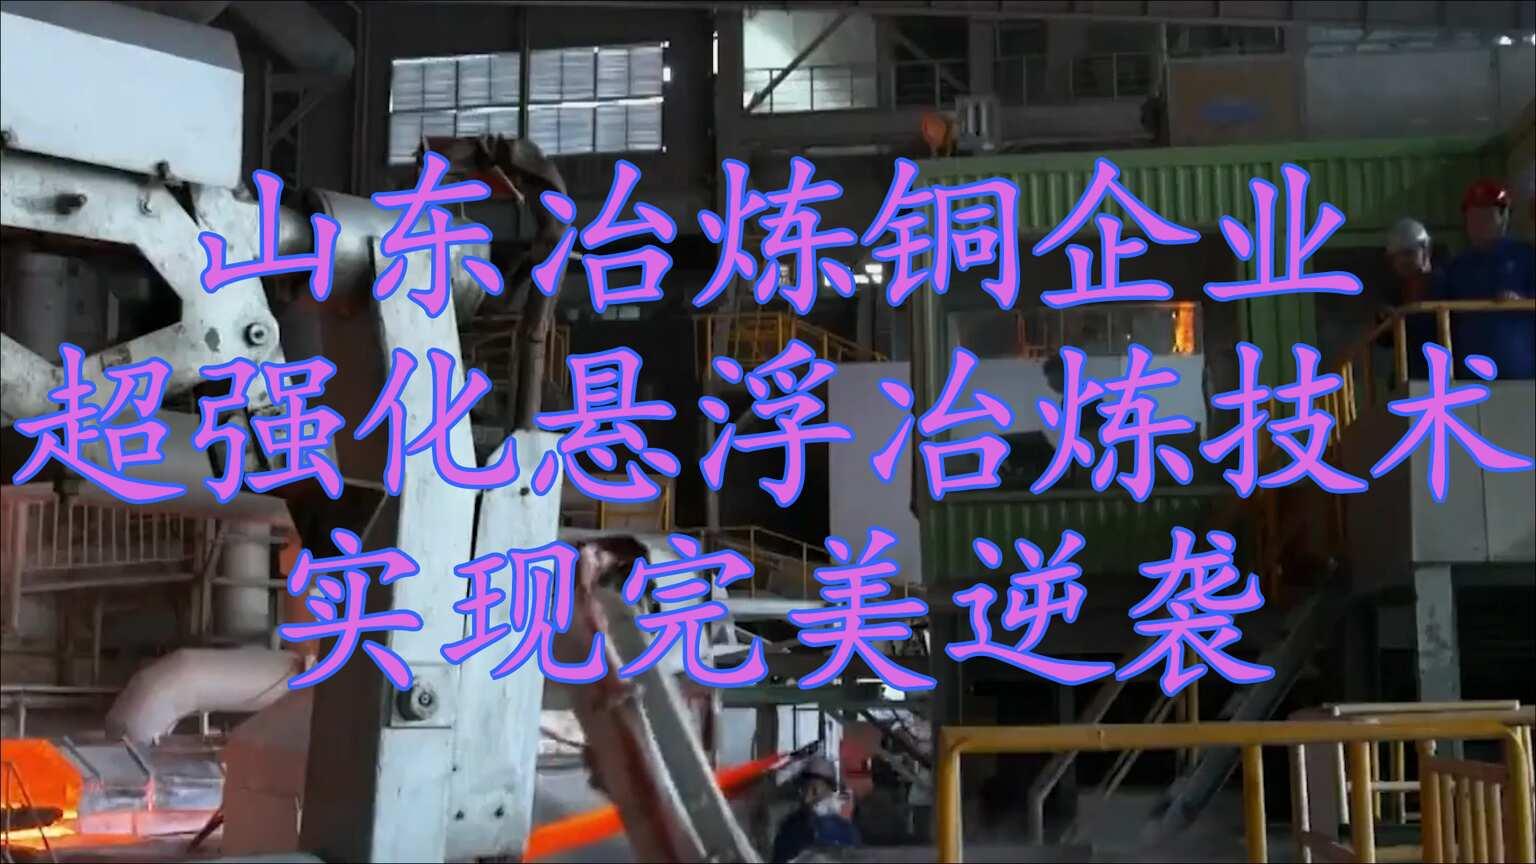 从引进来到输出去,山东冶炼铜企业超强化悬浮冶炼技术实现完美逆袭